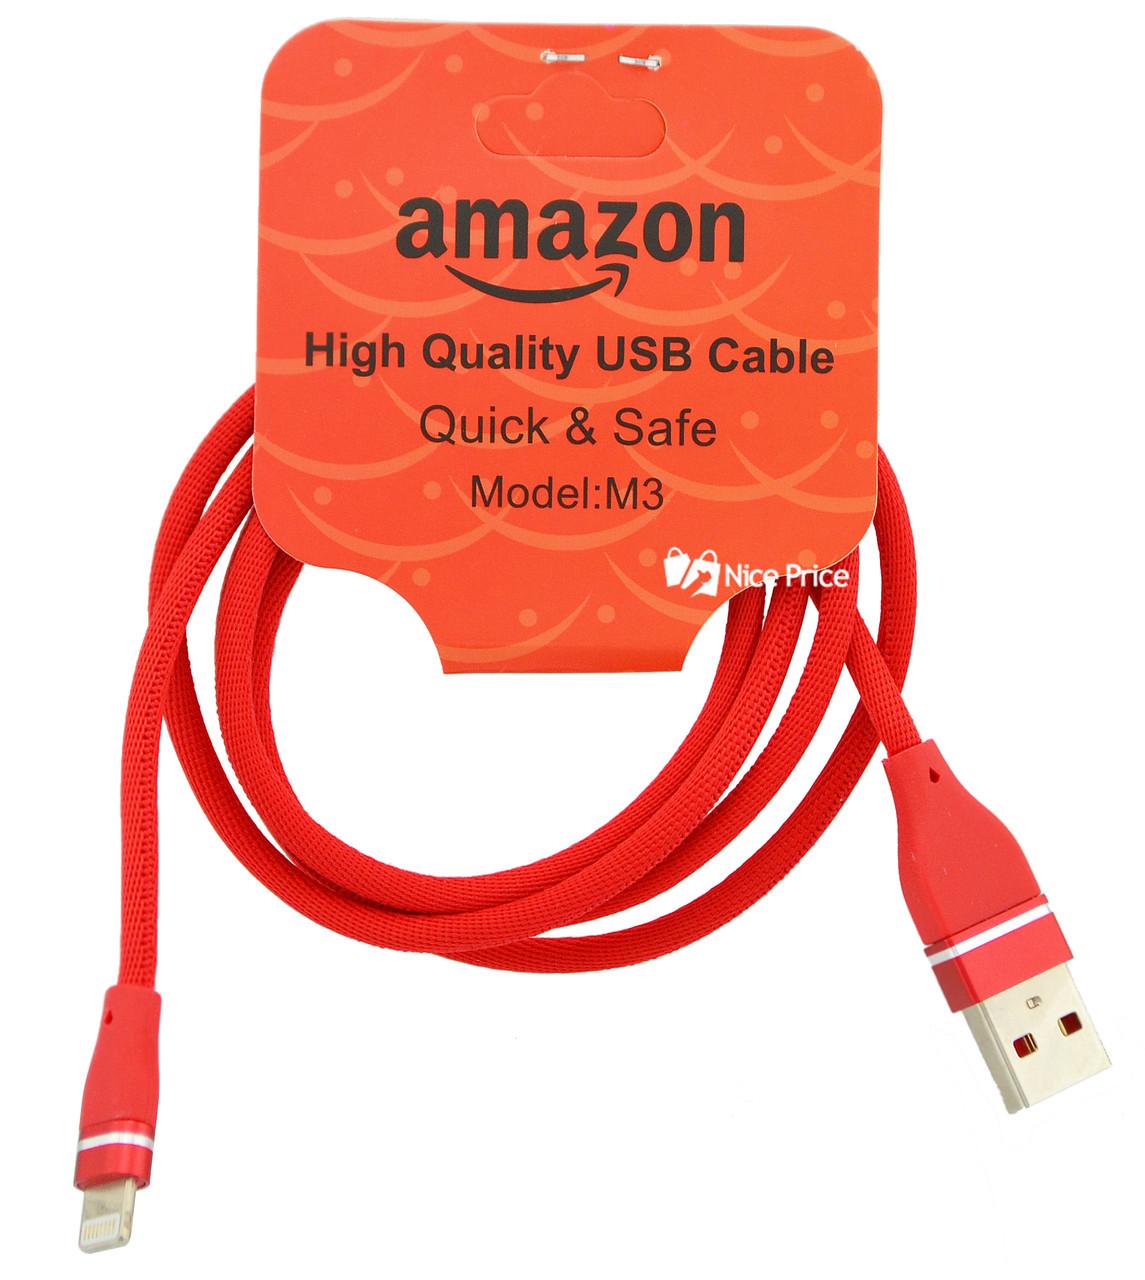 USB кабель для iPhone Lightning (кабель для зарядки айфона) 1 метр Amazon M3 (Микс цветов) (90441)